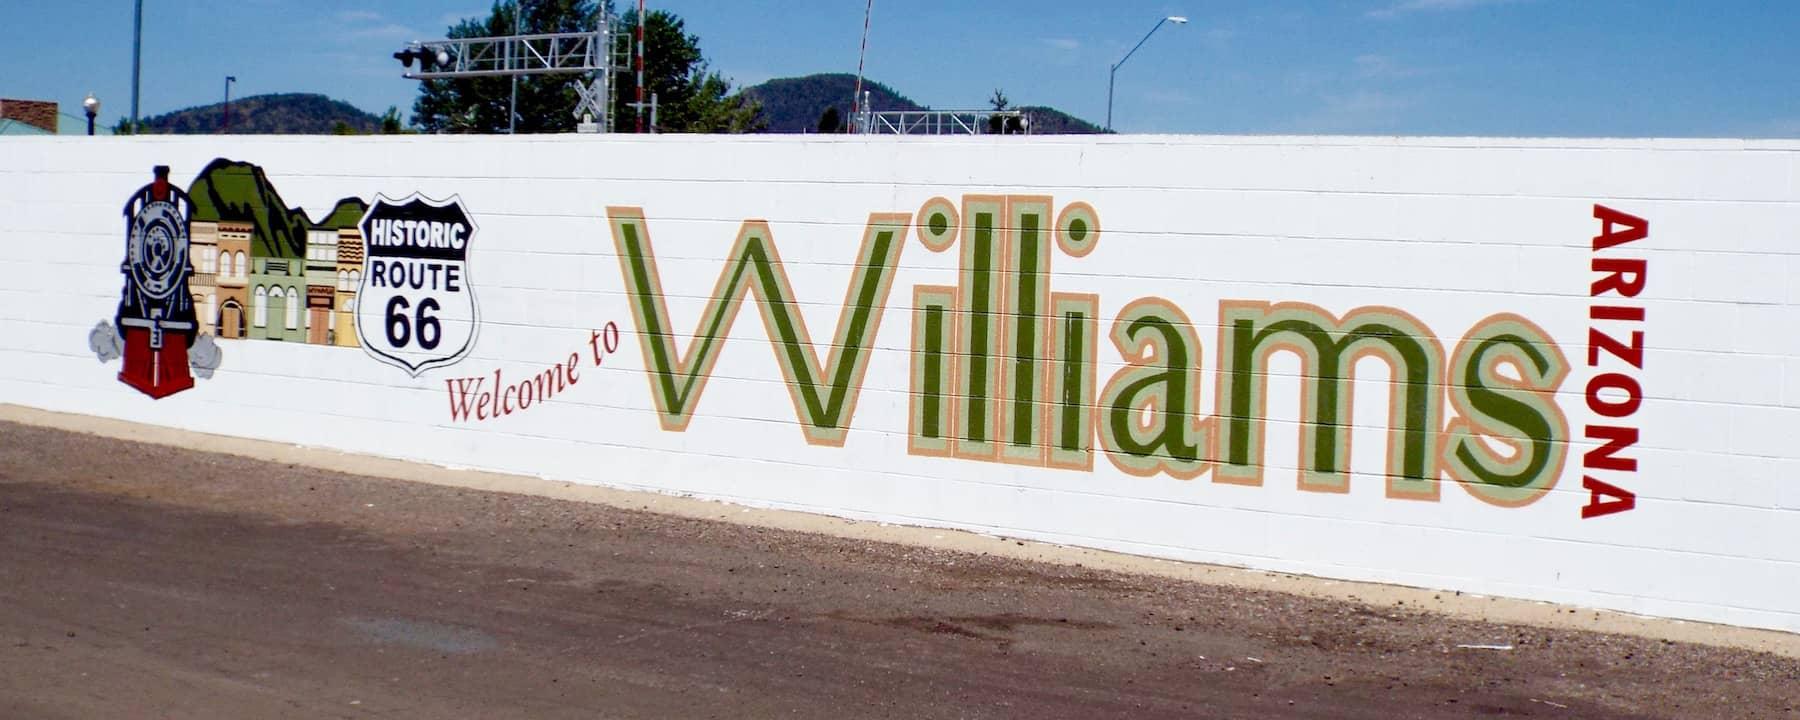 Grand Canyon to Winslow AZ